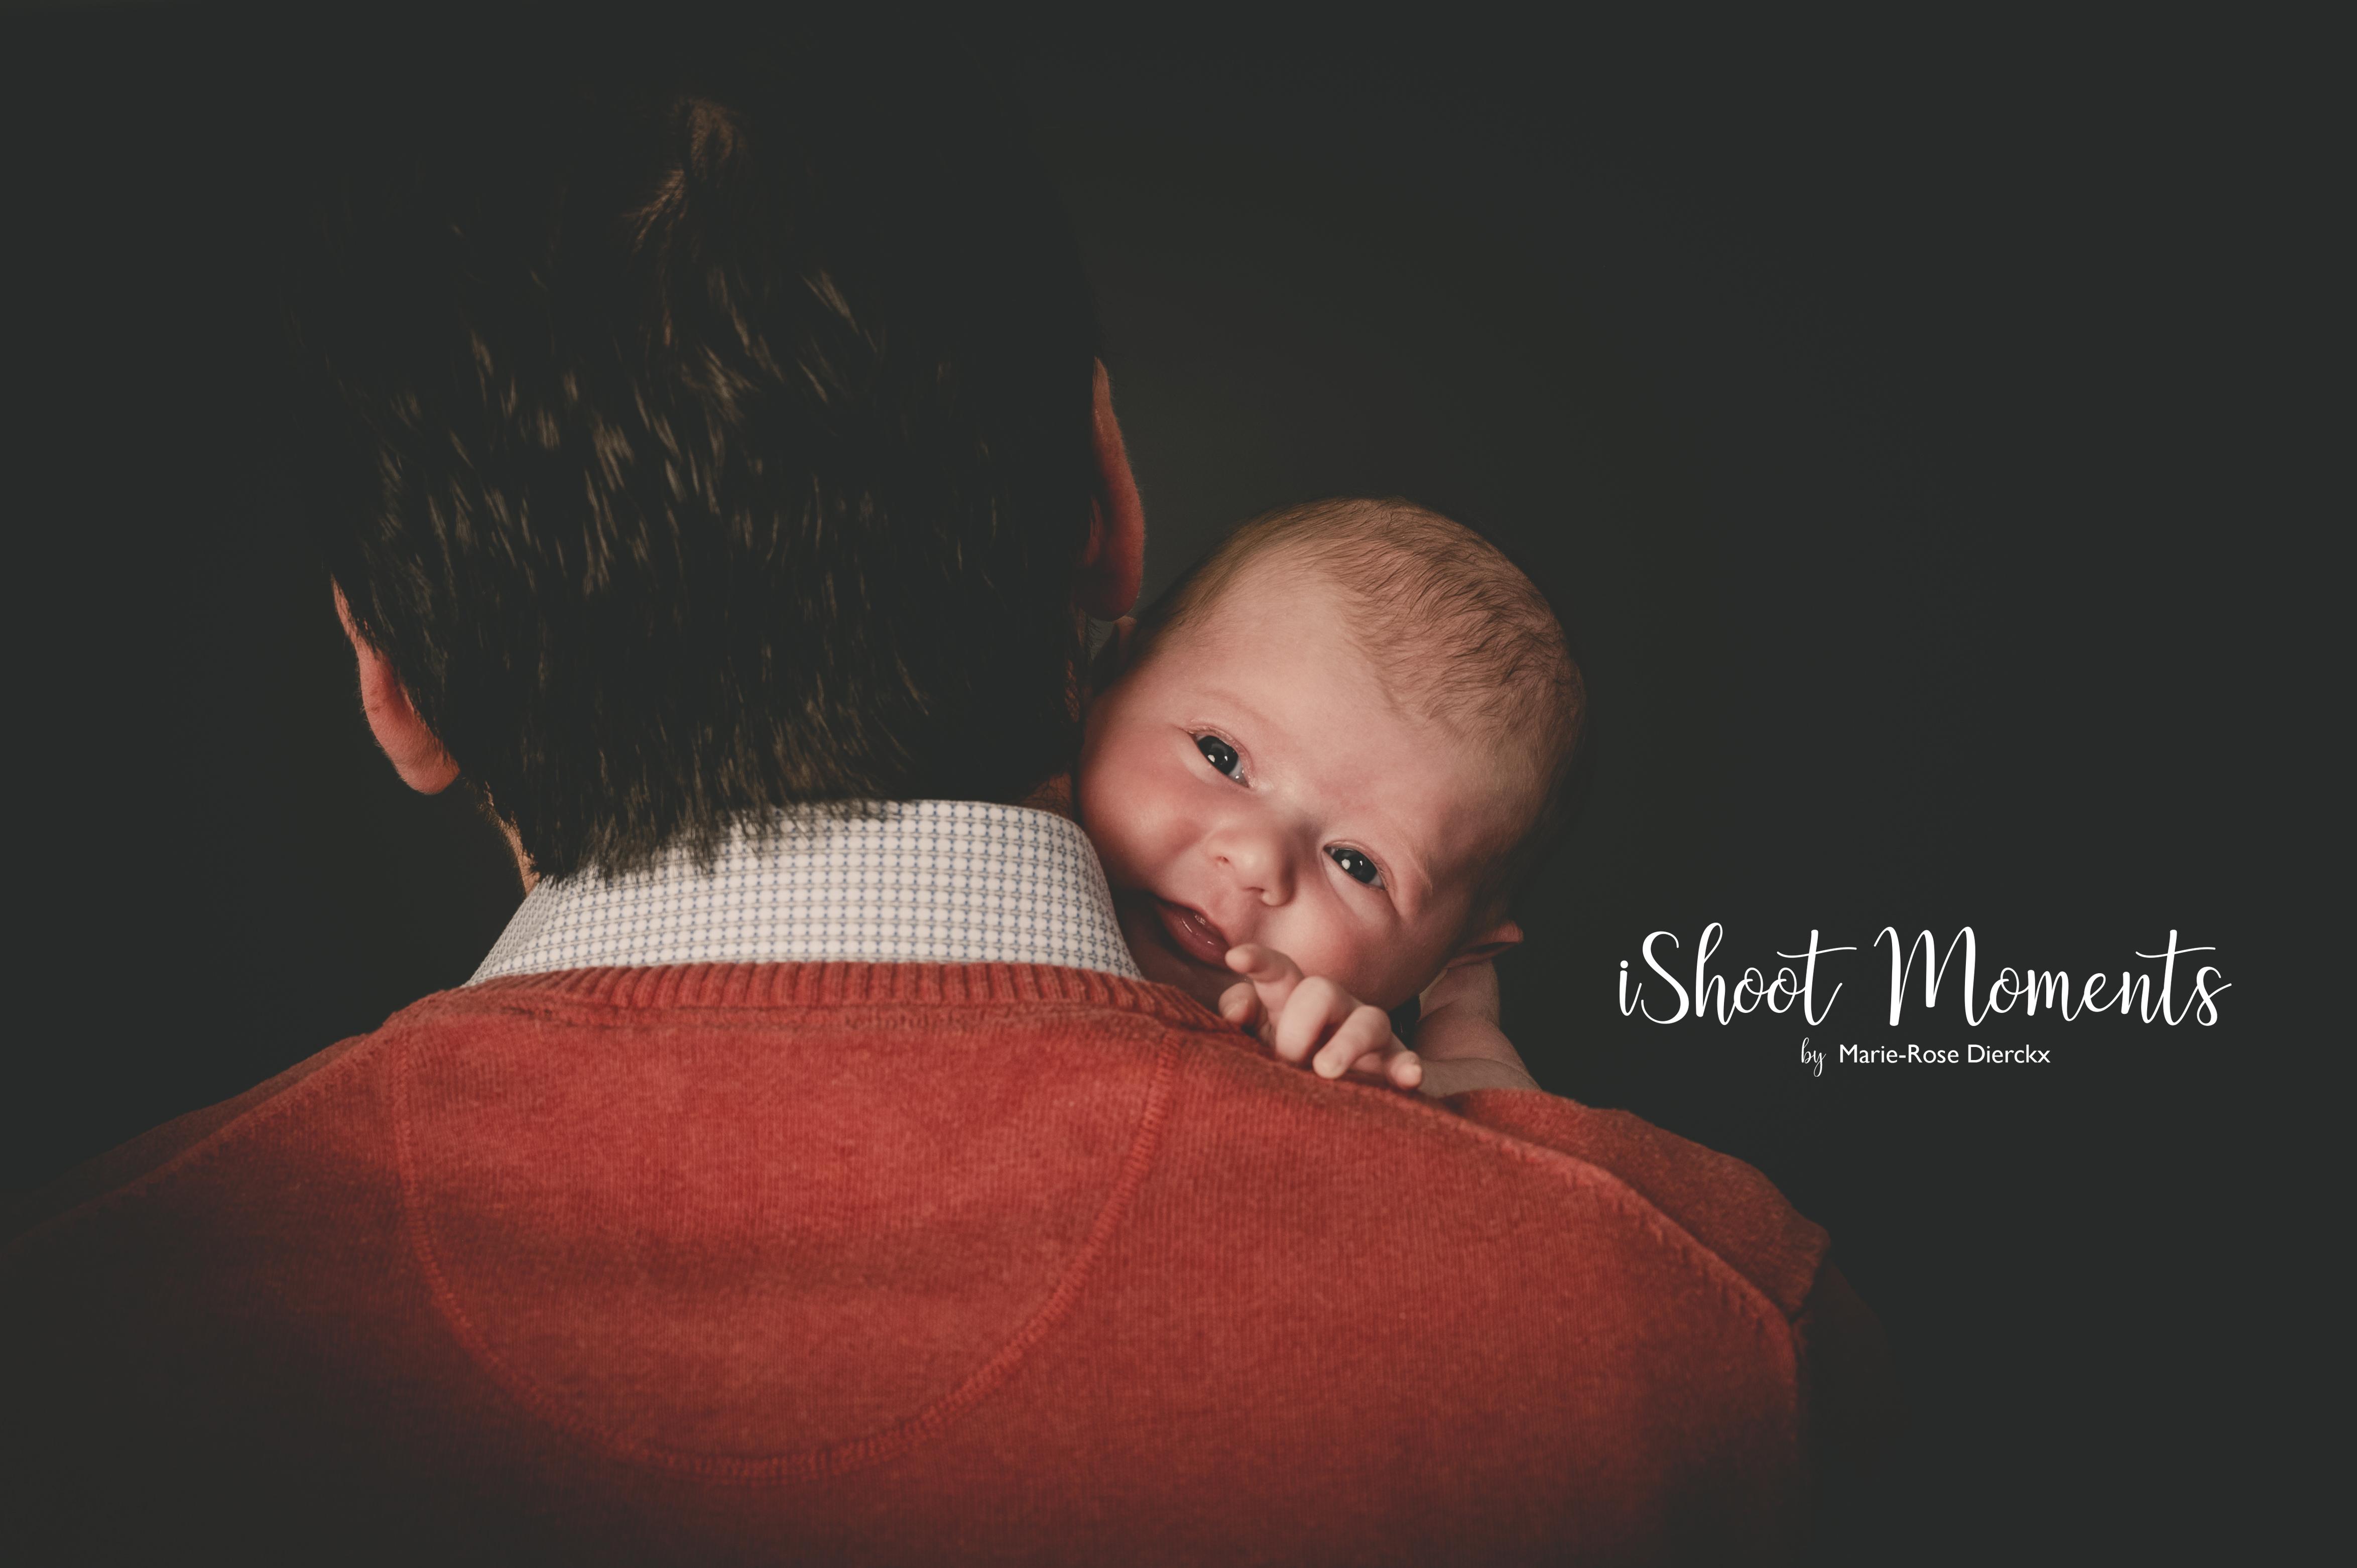 fotoreportage van baby